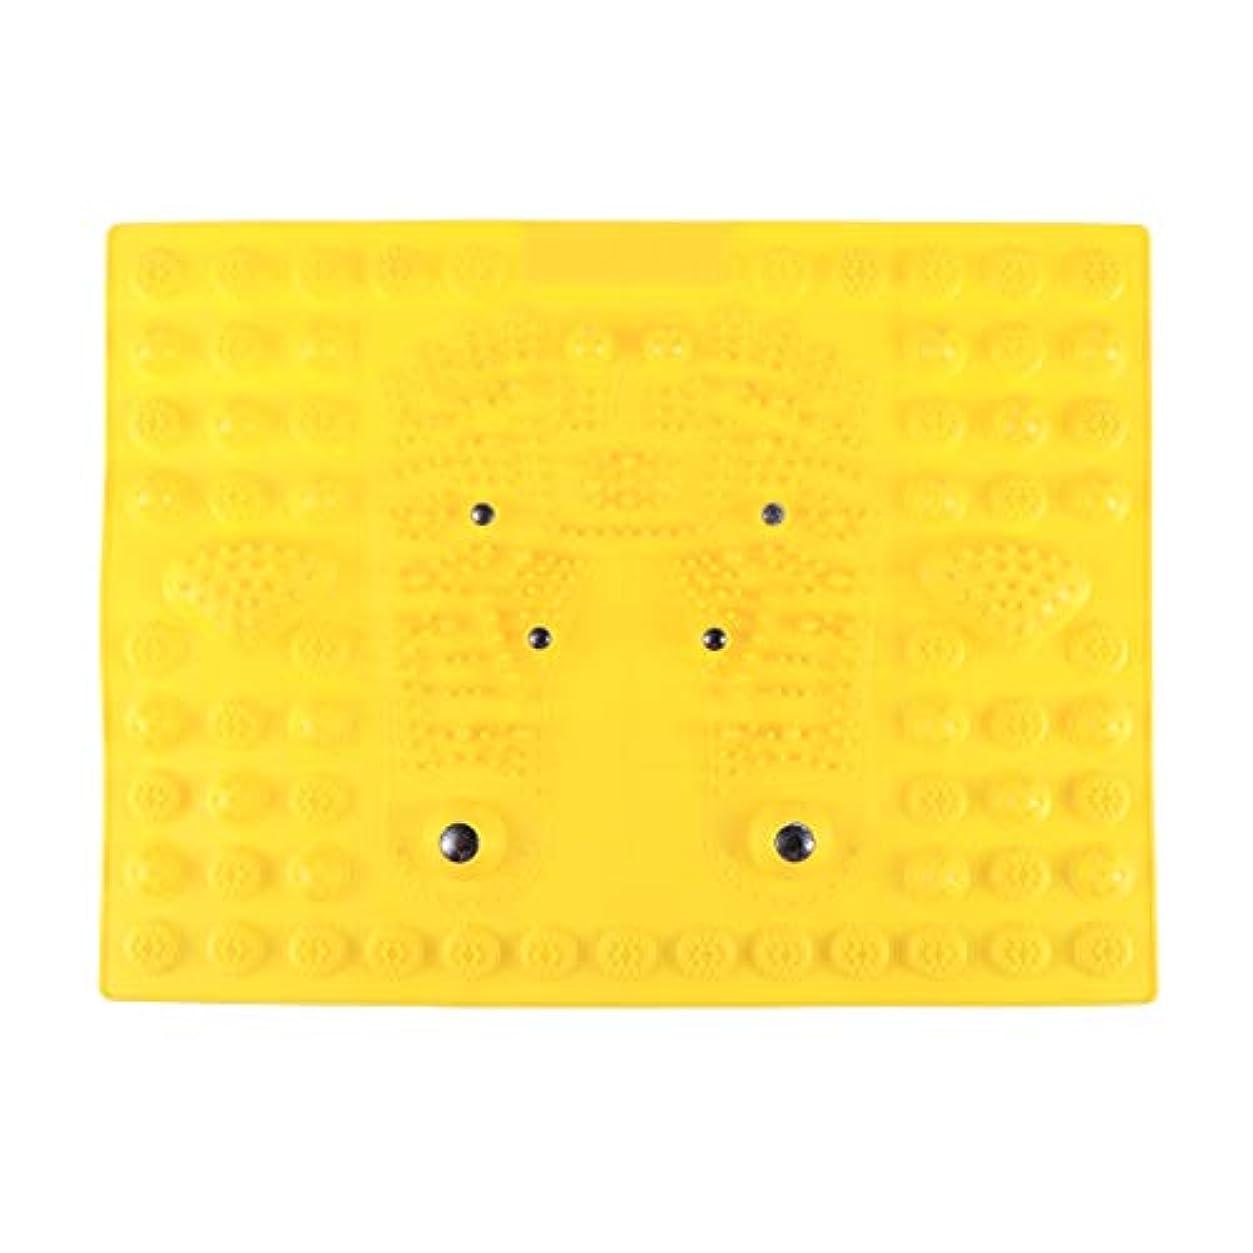 位置する溶かす遊具SUPVOX フットマッサージマット指圧リラクゼーションリフレクソロジーマット磁気療法フィートマット(イエロー)